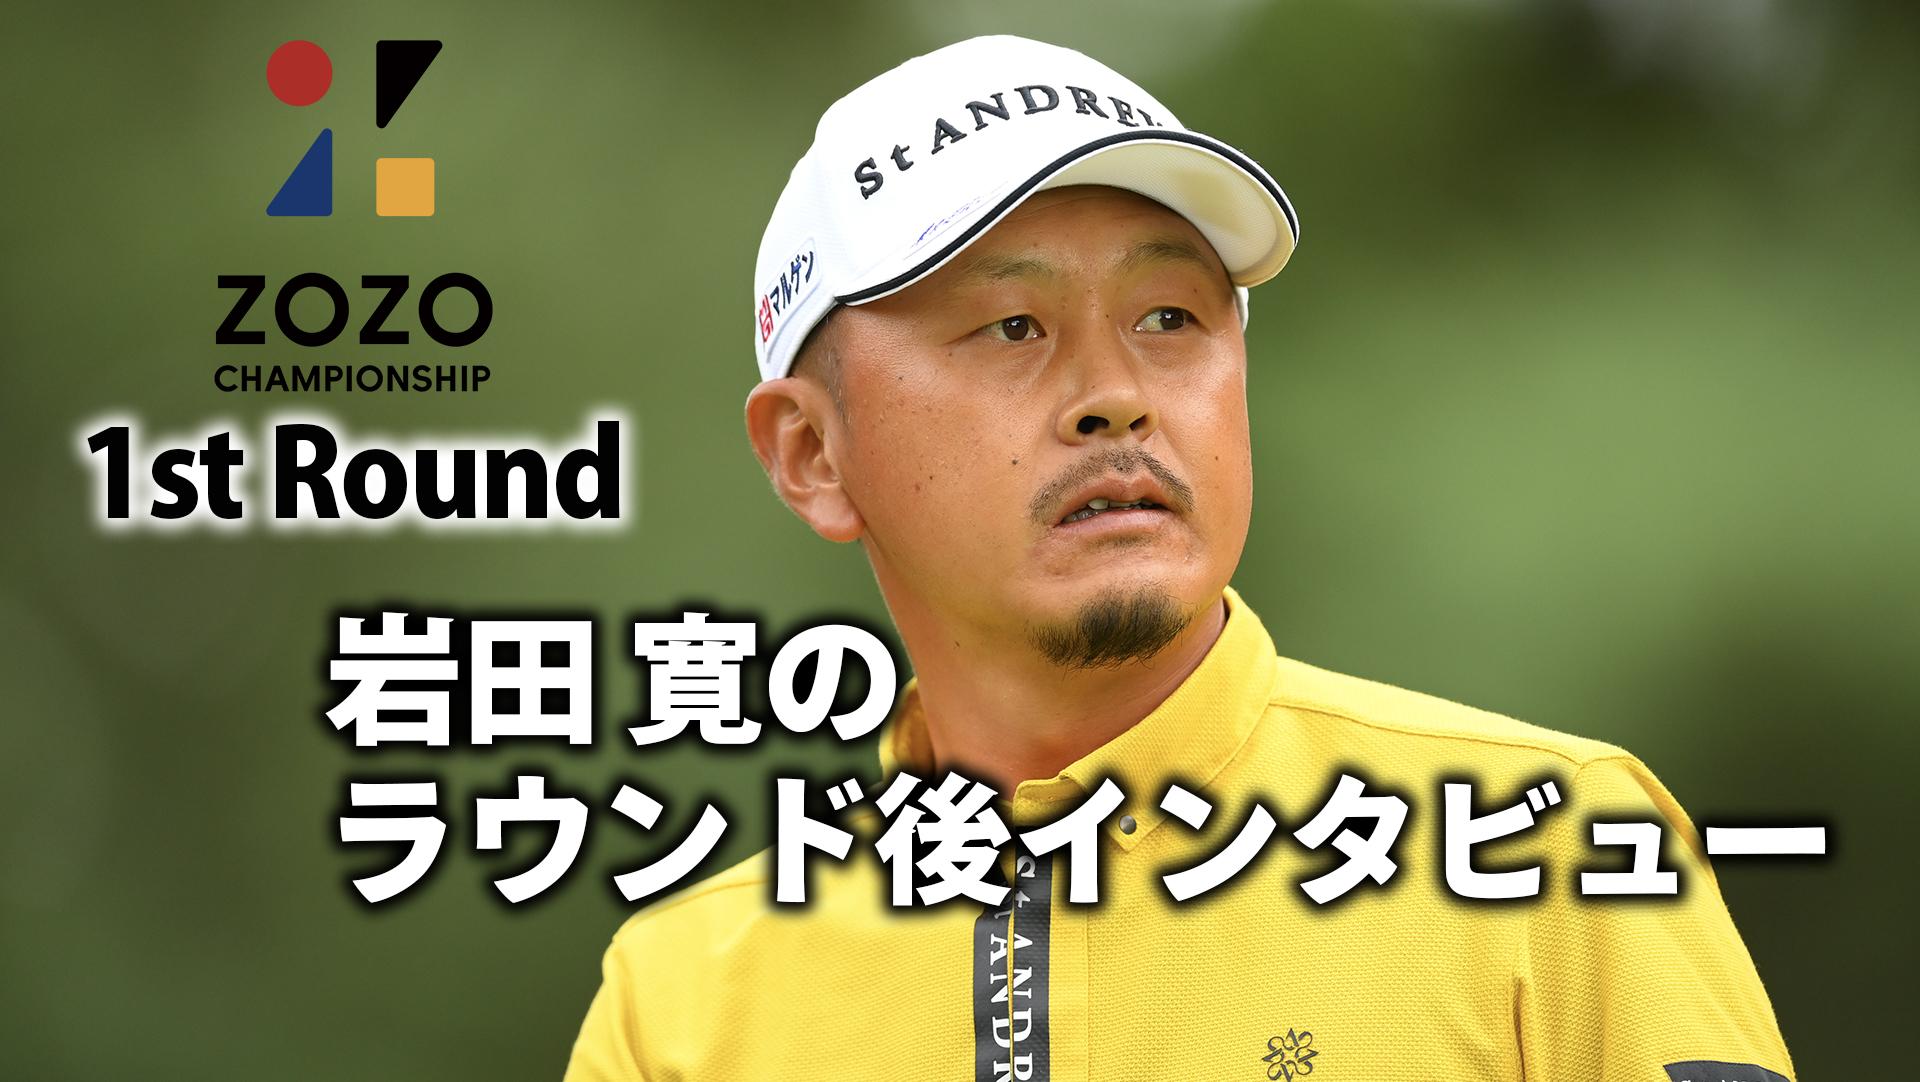 【男子ゴルフ】岩田寛が7アンダーで単独首位スタート!ZOZO CHAMPIONSHIP 2021 1st Round